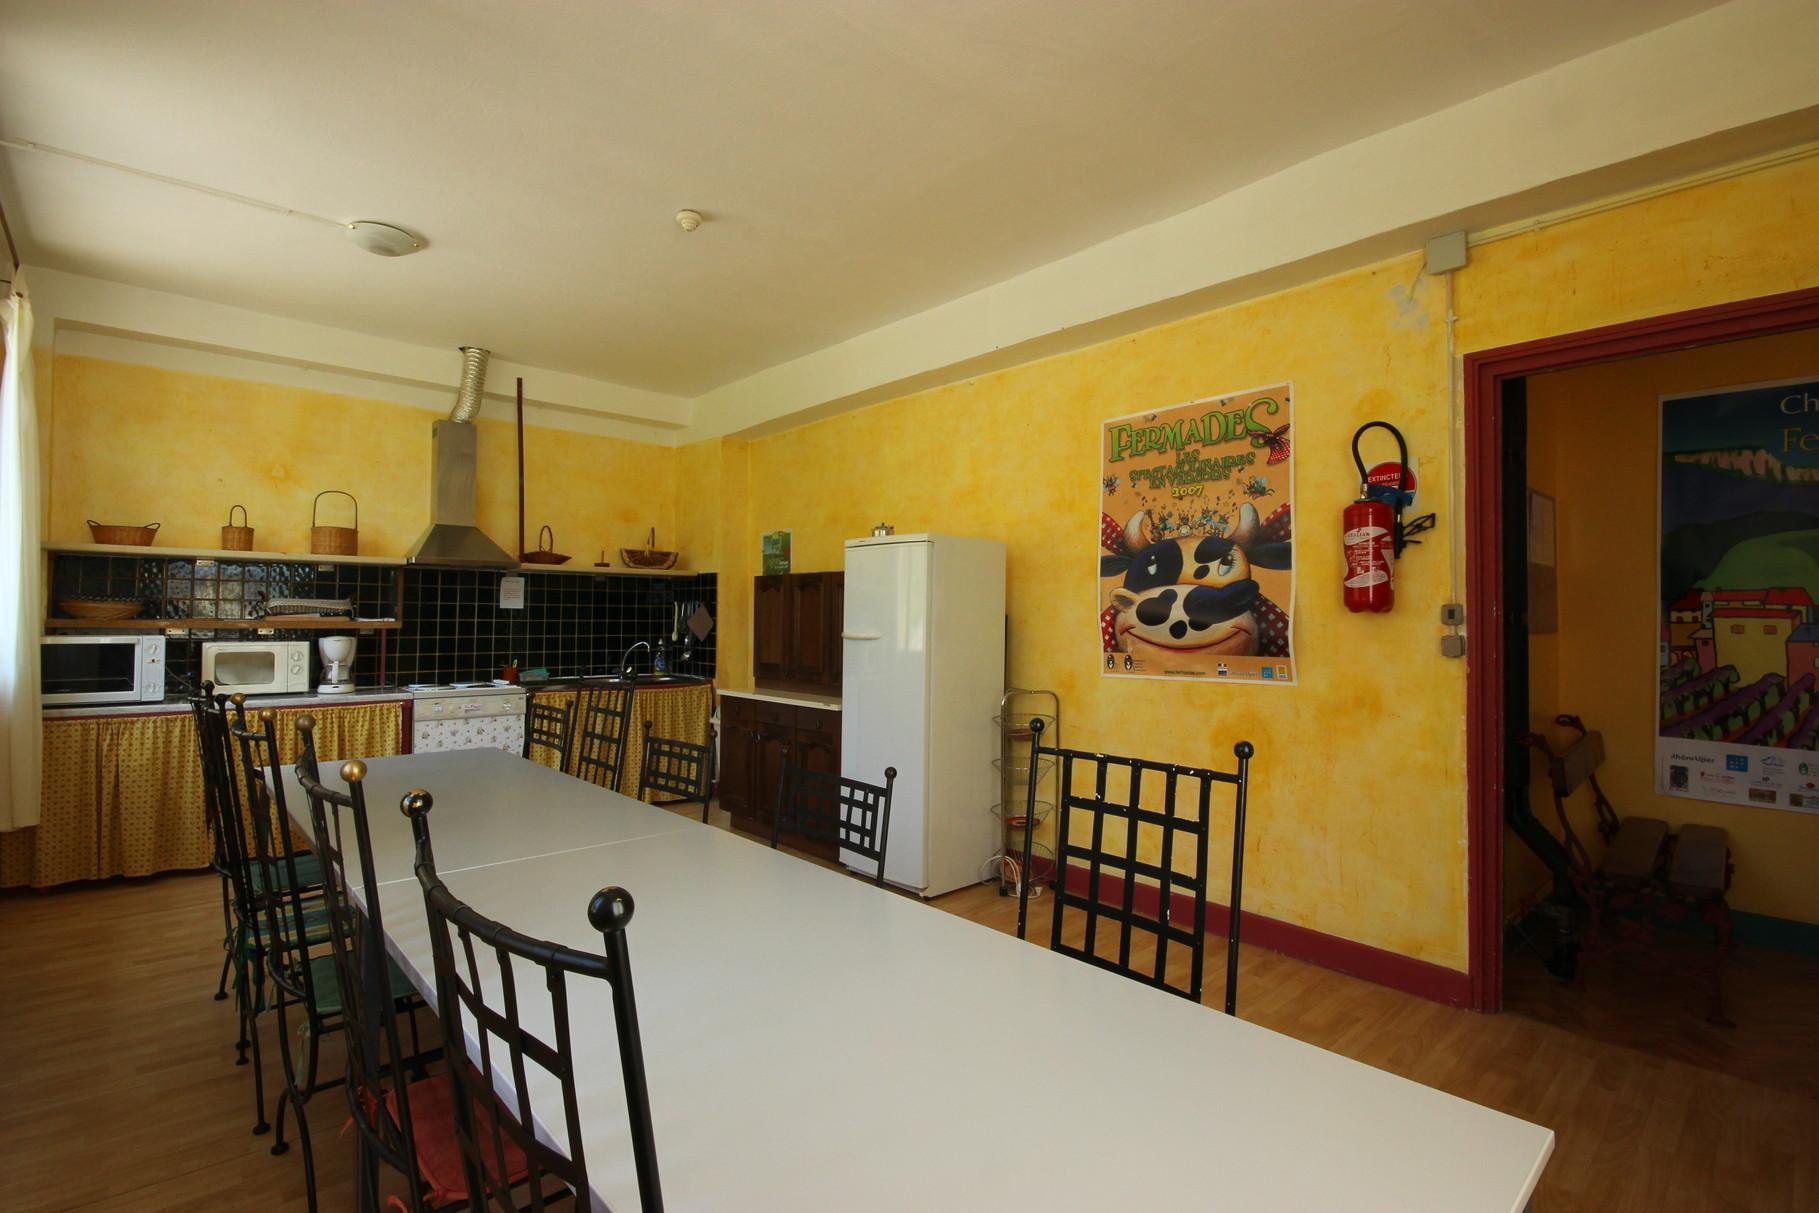 Une deuxième cuisine jusqu'à 15 personnes, idéale aussi pour les petites réunions